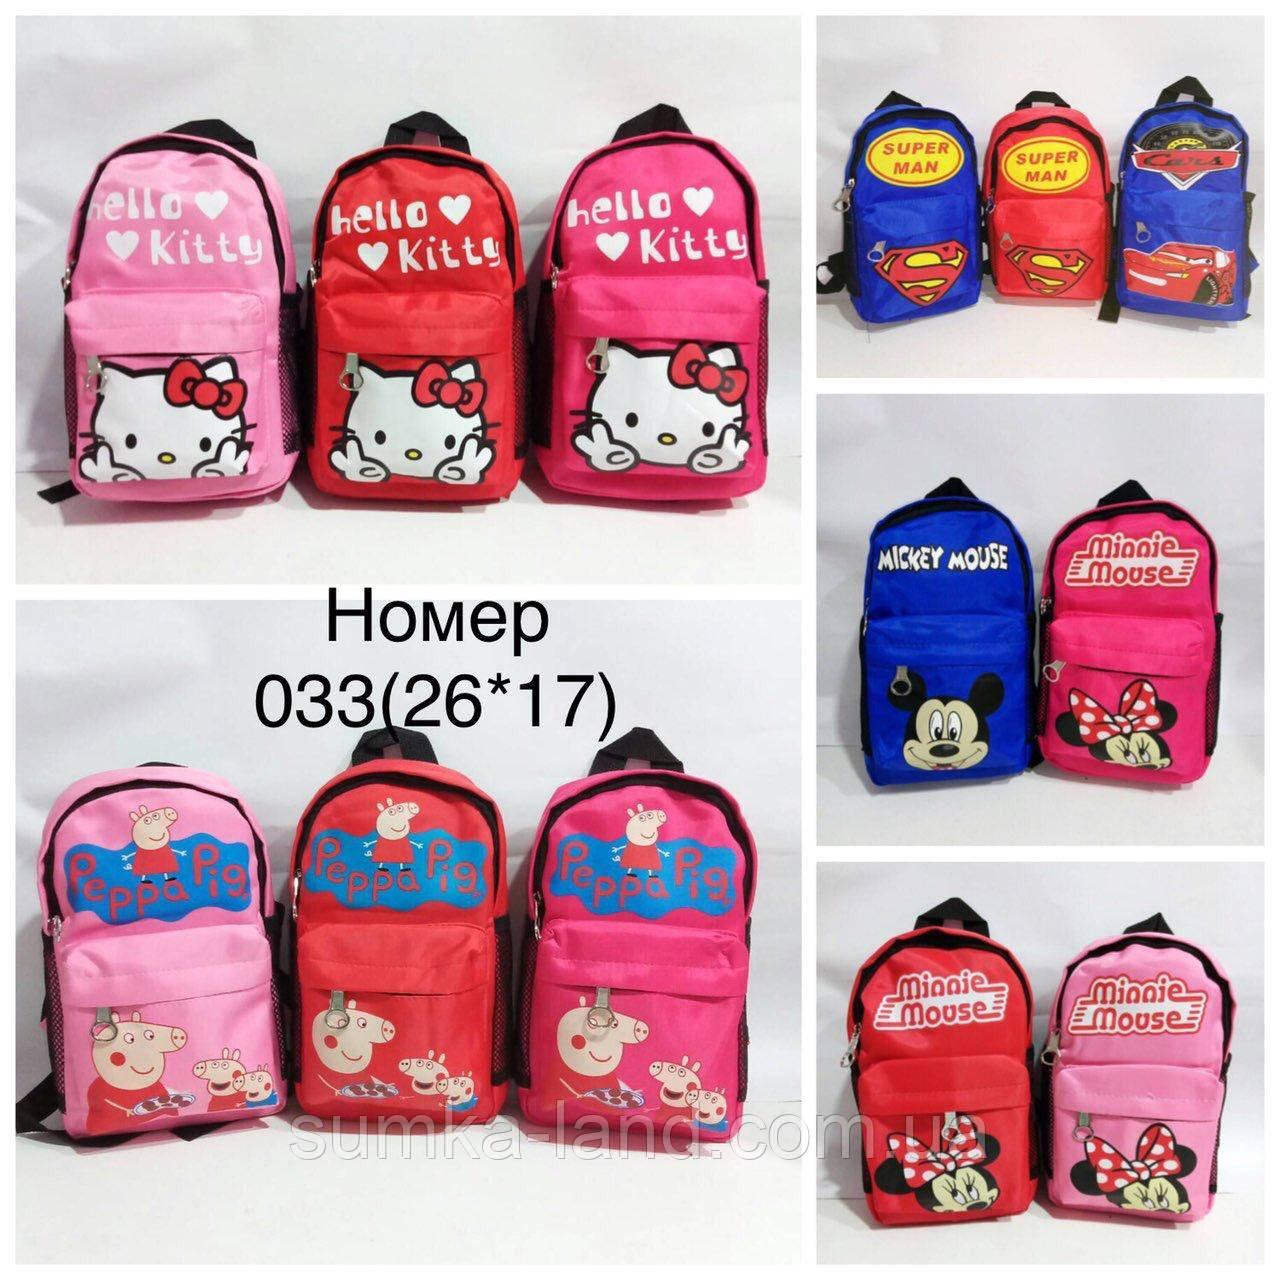 Детские рюкзачки для мальчиков и для девочек 26*17 см